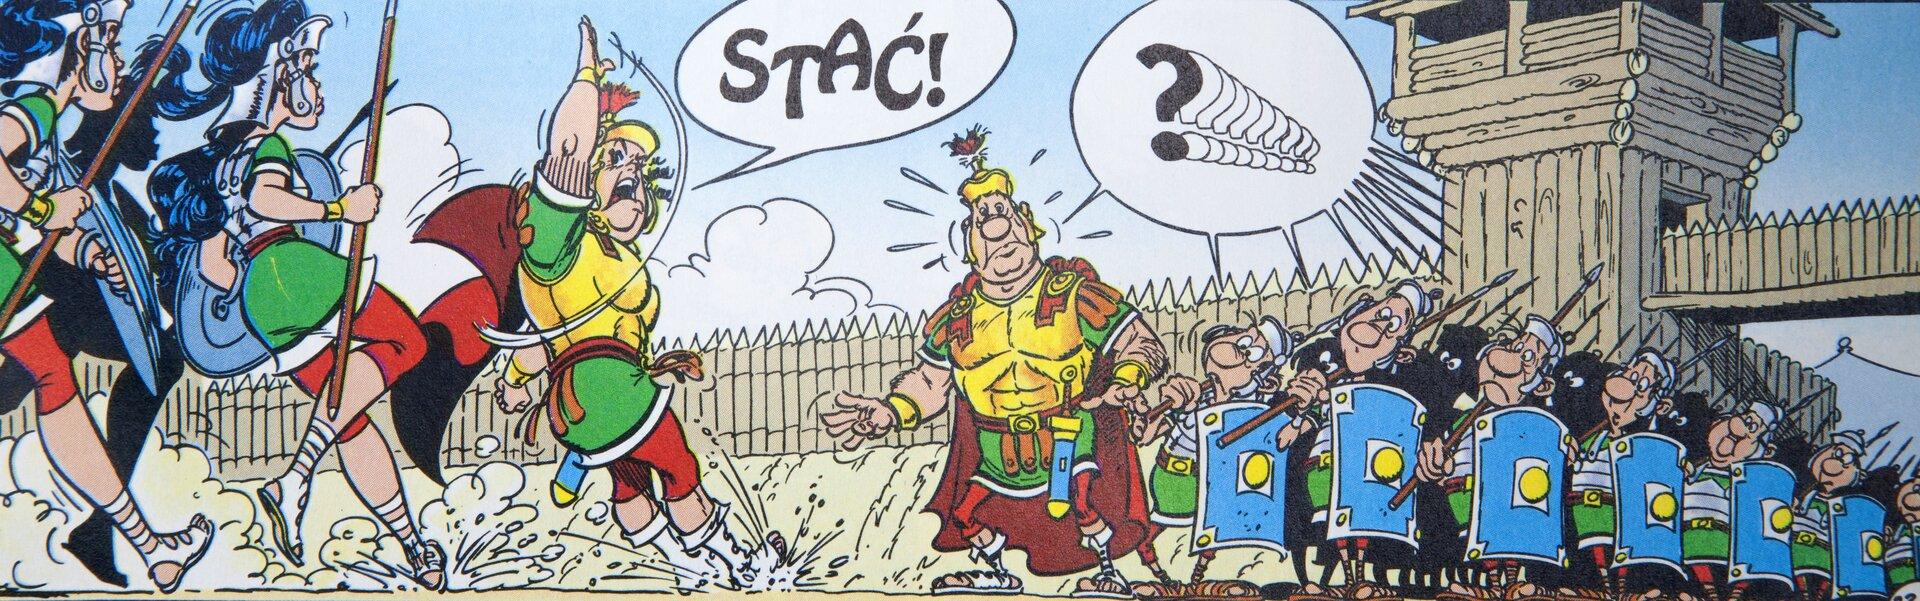 """Ilustracja przedstawia fragment komiksu """"Asterix. Róża imiecz"""". Ukazuje dwa oddziały wojowników zdowódcami na czele. Żołnierze idą ku sobie wszyku. Dowódca lewego oddziału podnosi wyprostowaną rękę. Od niego unosi się dymek ze słowem: Stać!. Nad prawym oddziałem oraz jego dowódcą unosi się dymek ze zwielokrotnionym znakiem zapytania. Wtle widoczna jest drewniany mur obronny zbramą iwierzą strażniczą. Nad nim rozciąga się błękitne niebo zchmurami."""